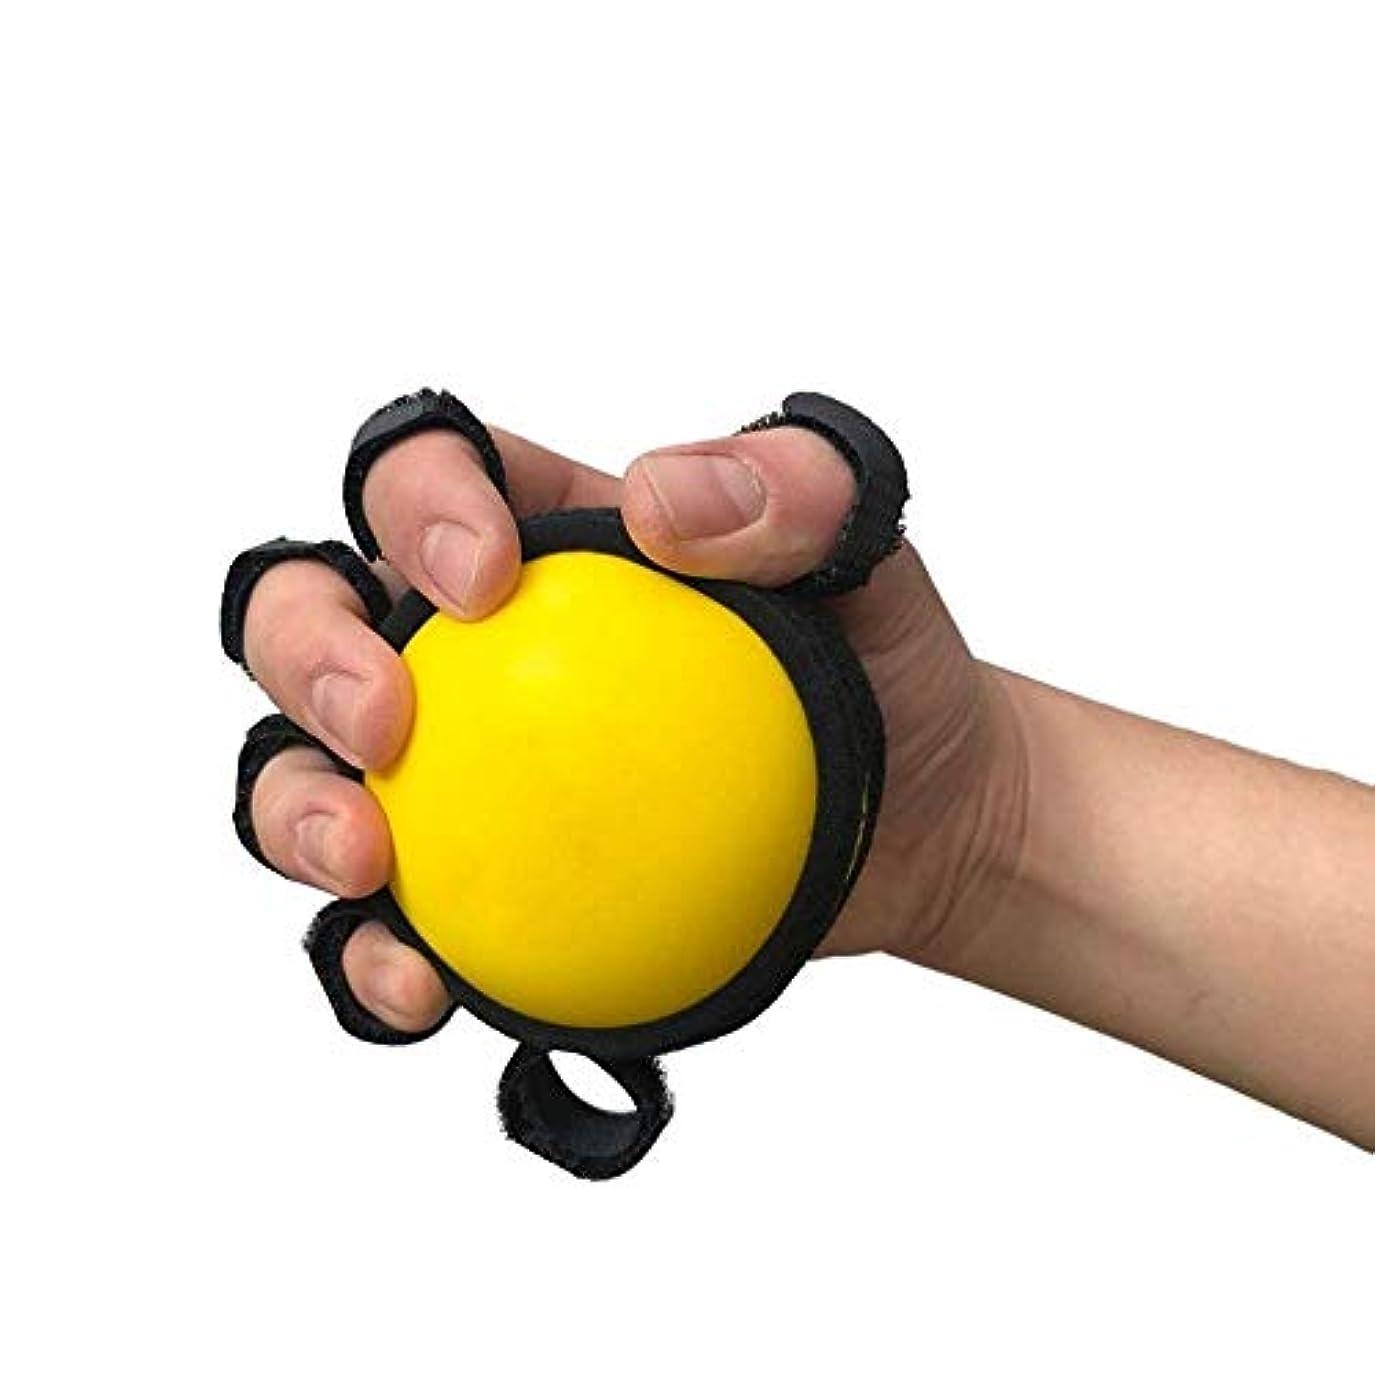 ハンドセラピー運動ボール、脳卒中、片麻痺を軽減するための5本指分離ボールリハビリテーショントレーニング